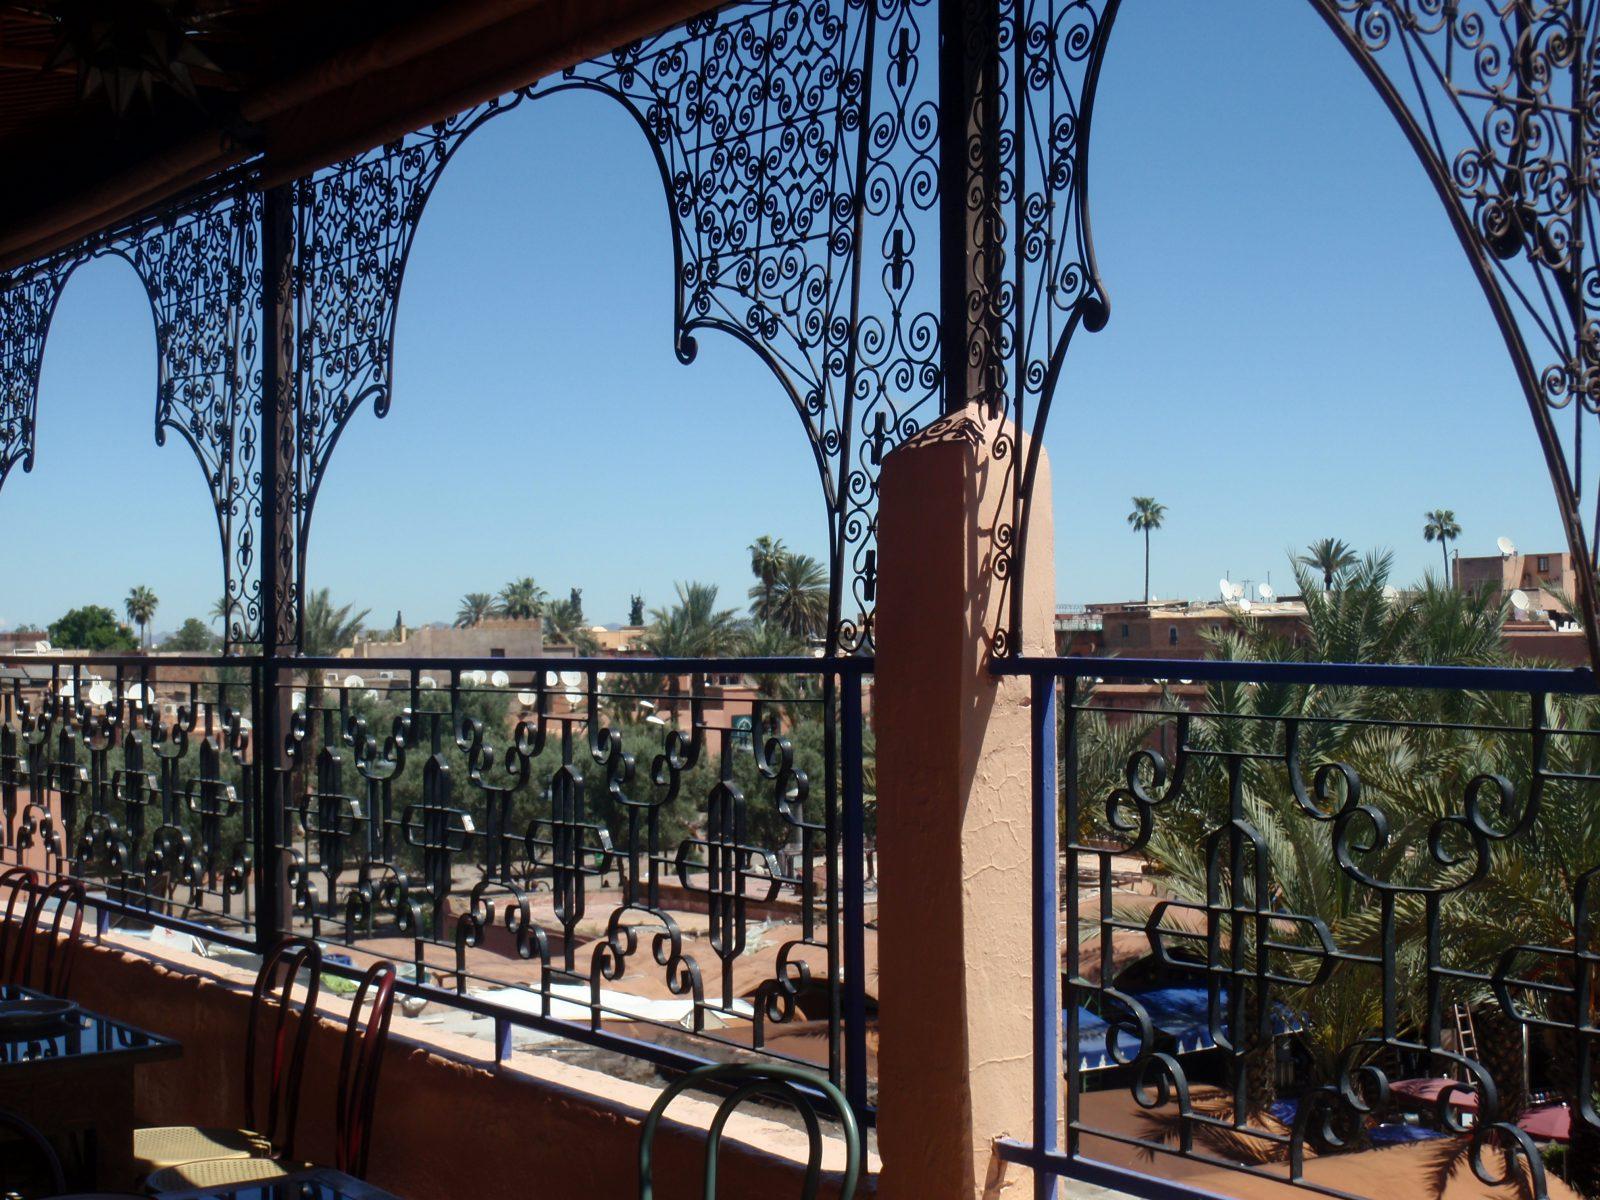 Dag 14 - Woestijn wandelen en yoga + Essaouira & Marrakech